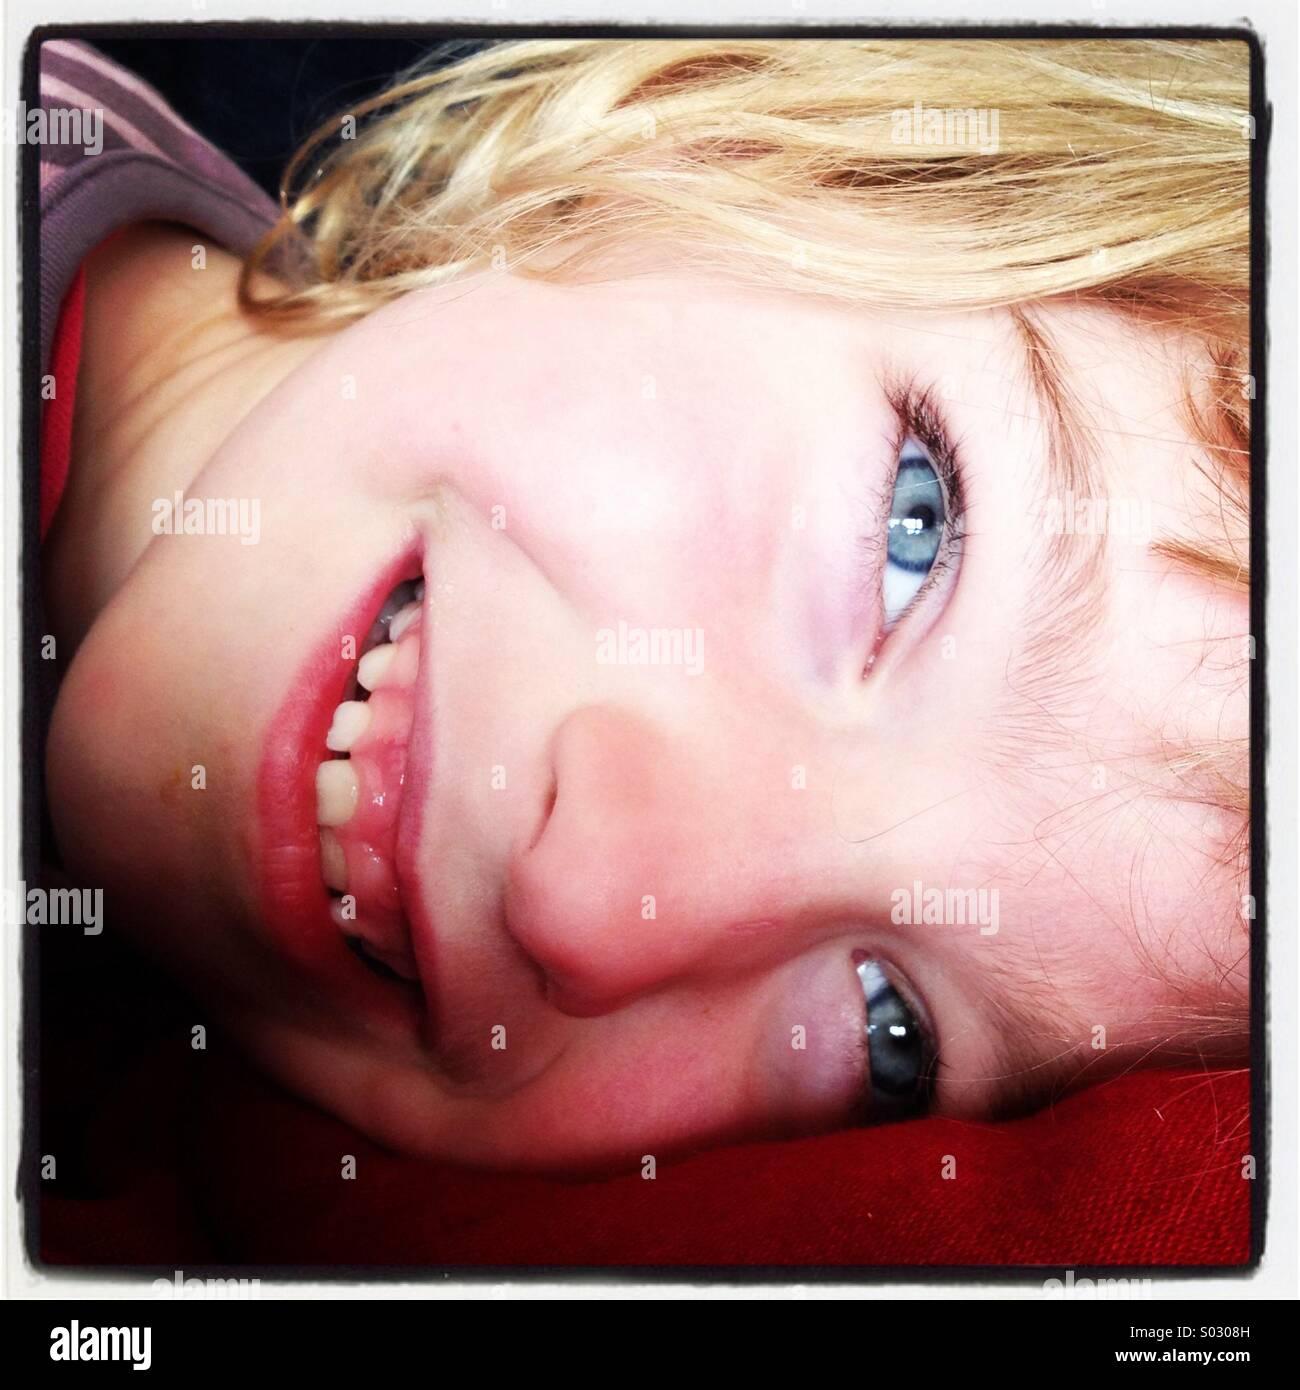 Un sonriente jubilosamente feliz chica con ojos azules acostado... Imagen De Stock